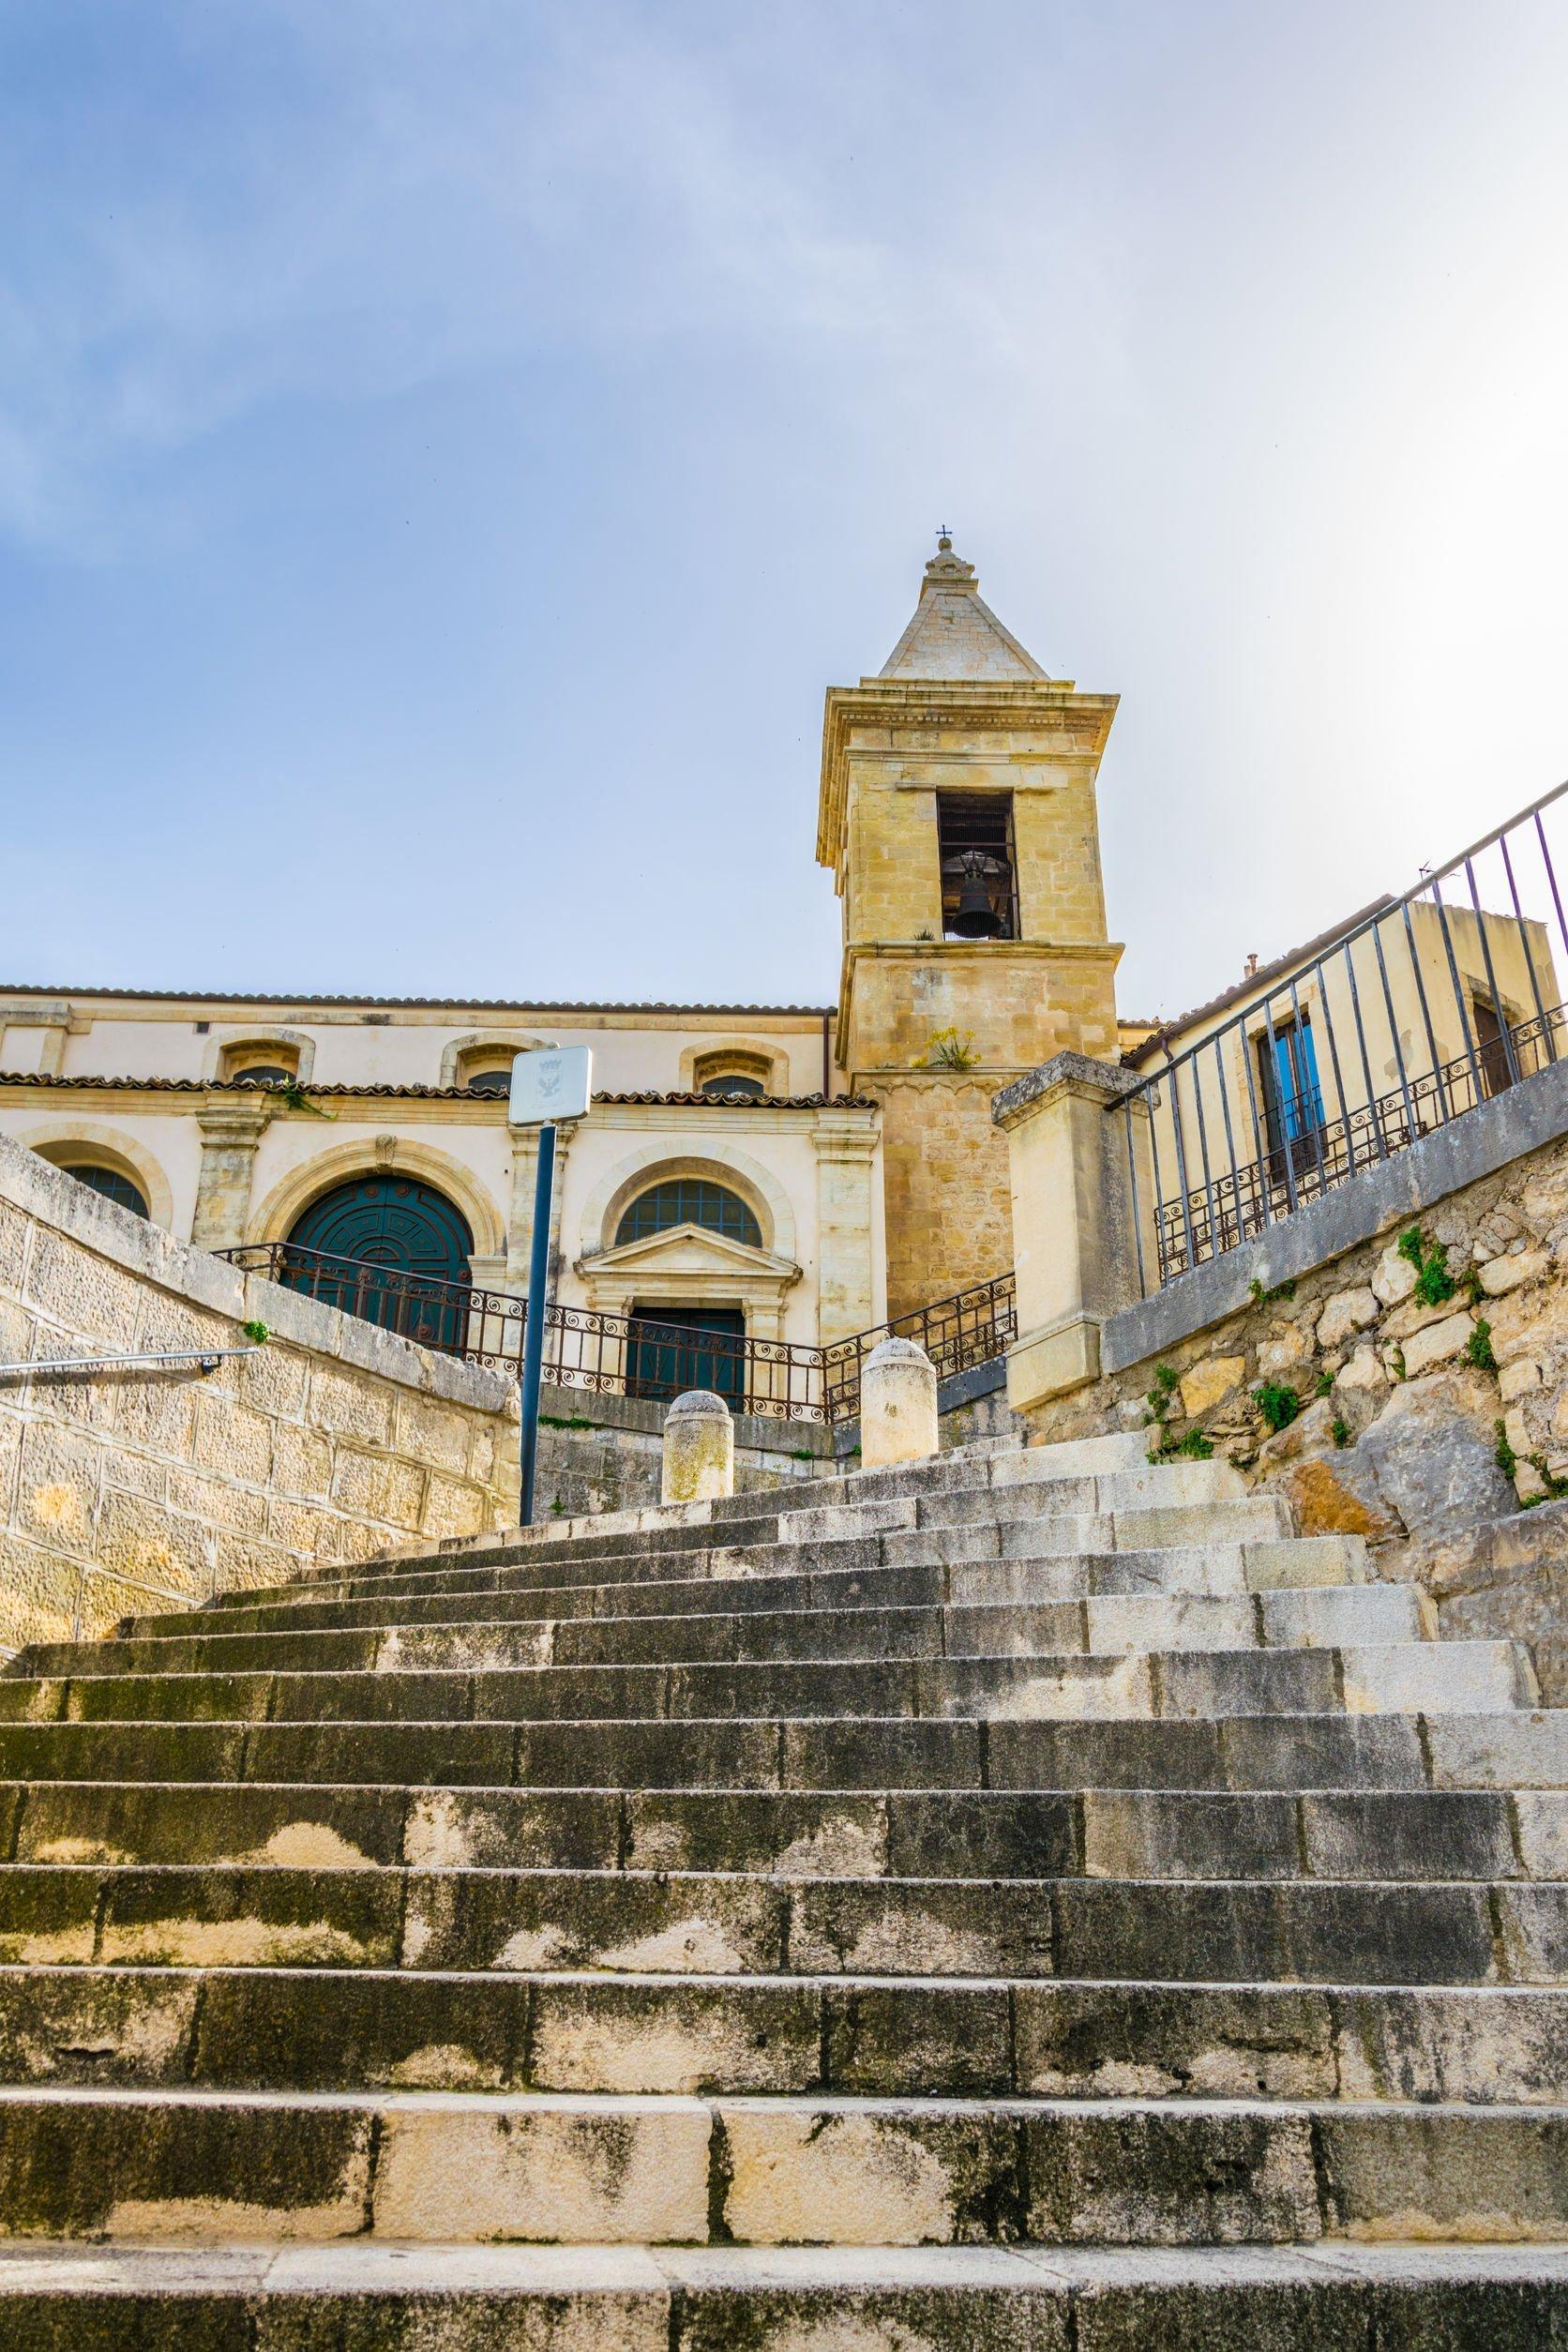 Santa Maria delle Scale raguse